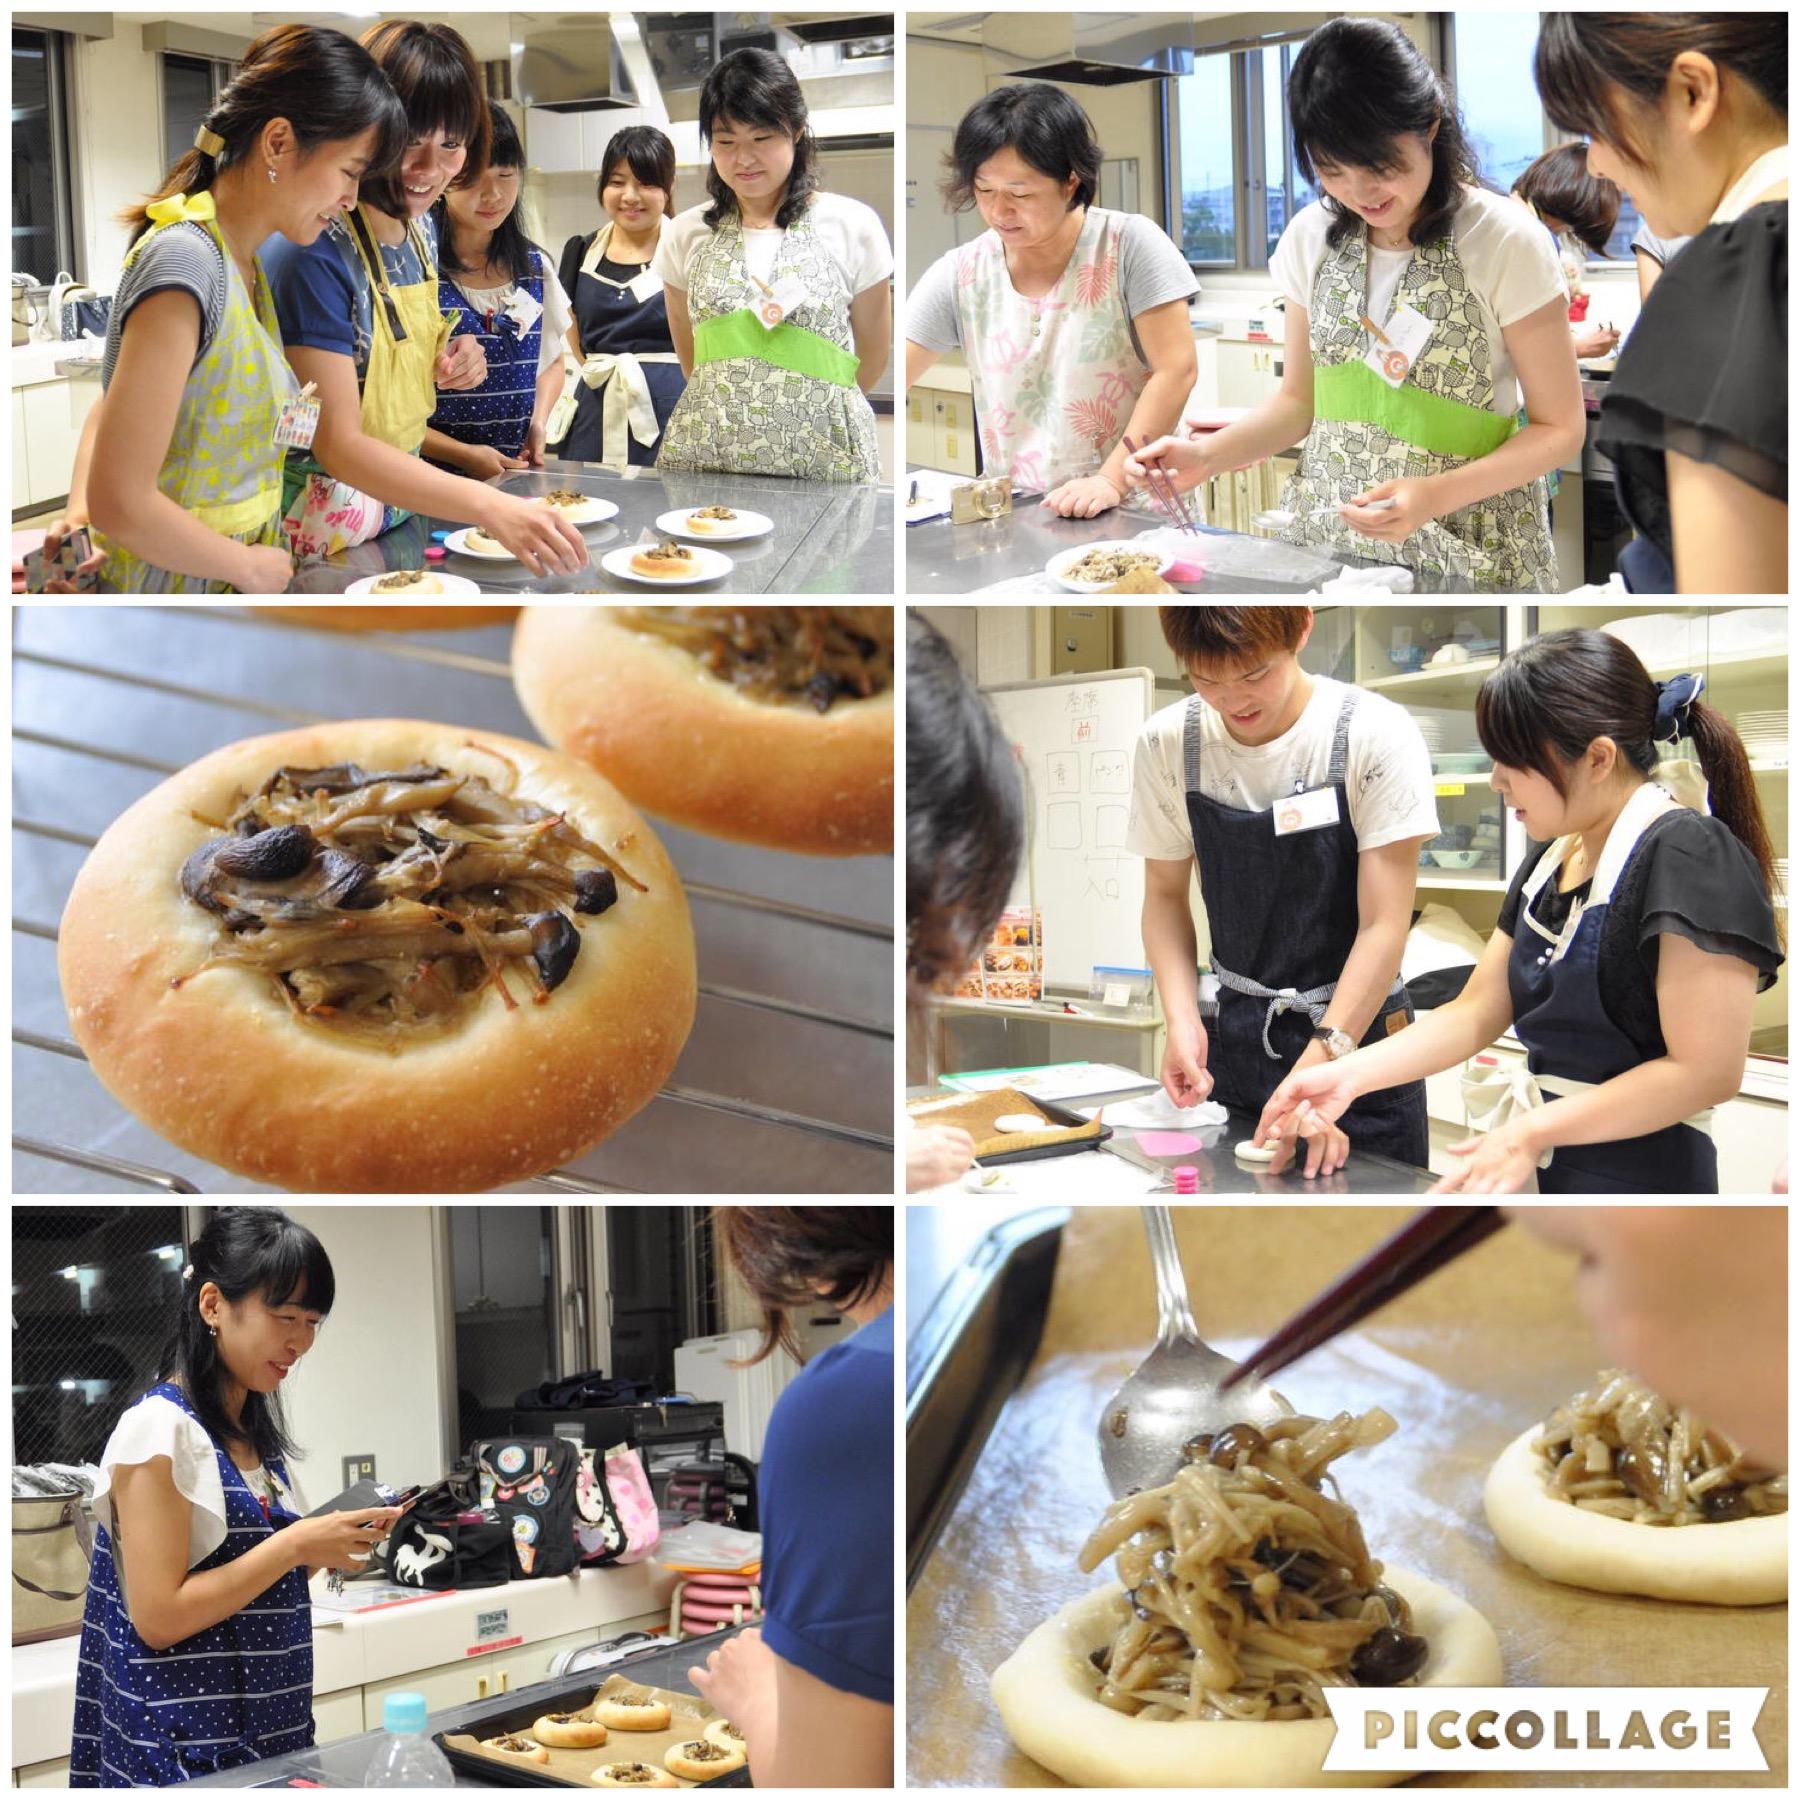 社会人サークル.オフ会.パン作り.料理オフ会.江戸川区.キノコバターのガレット